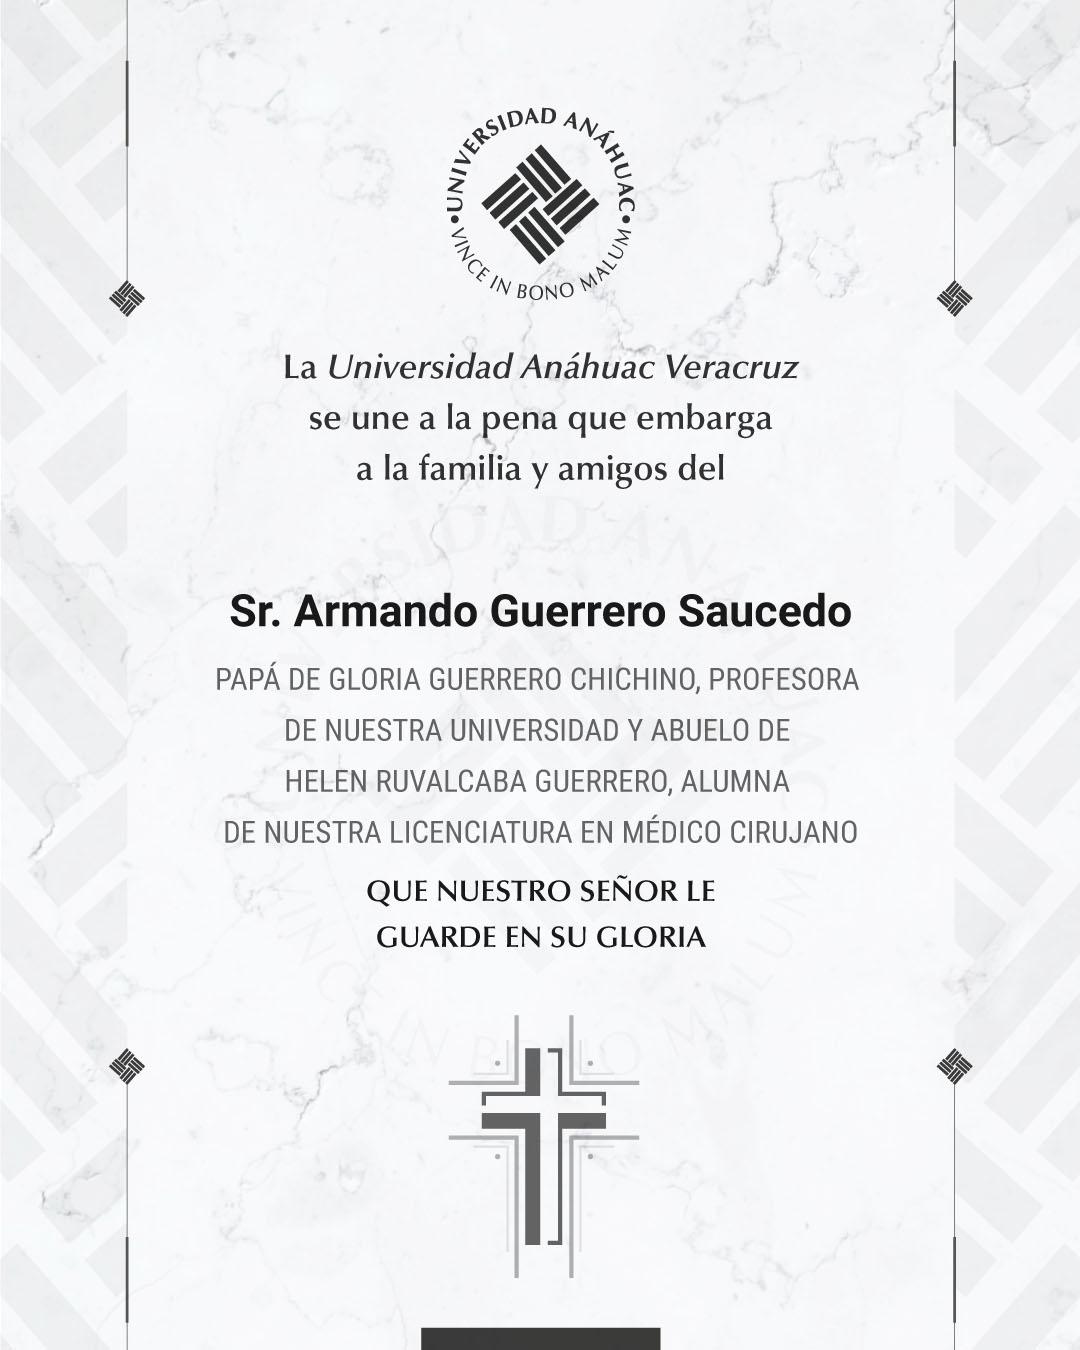 Sr. Armando Guerrero Saucedo